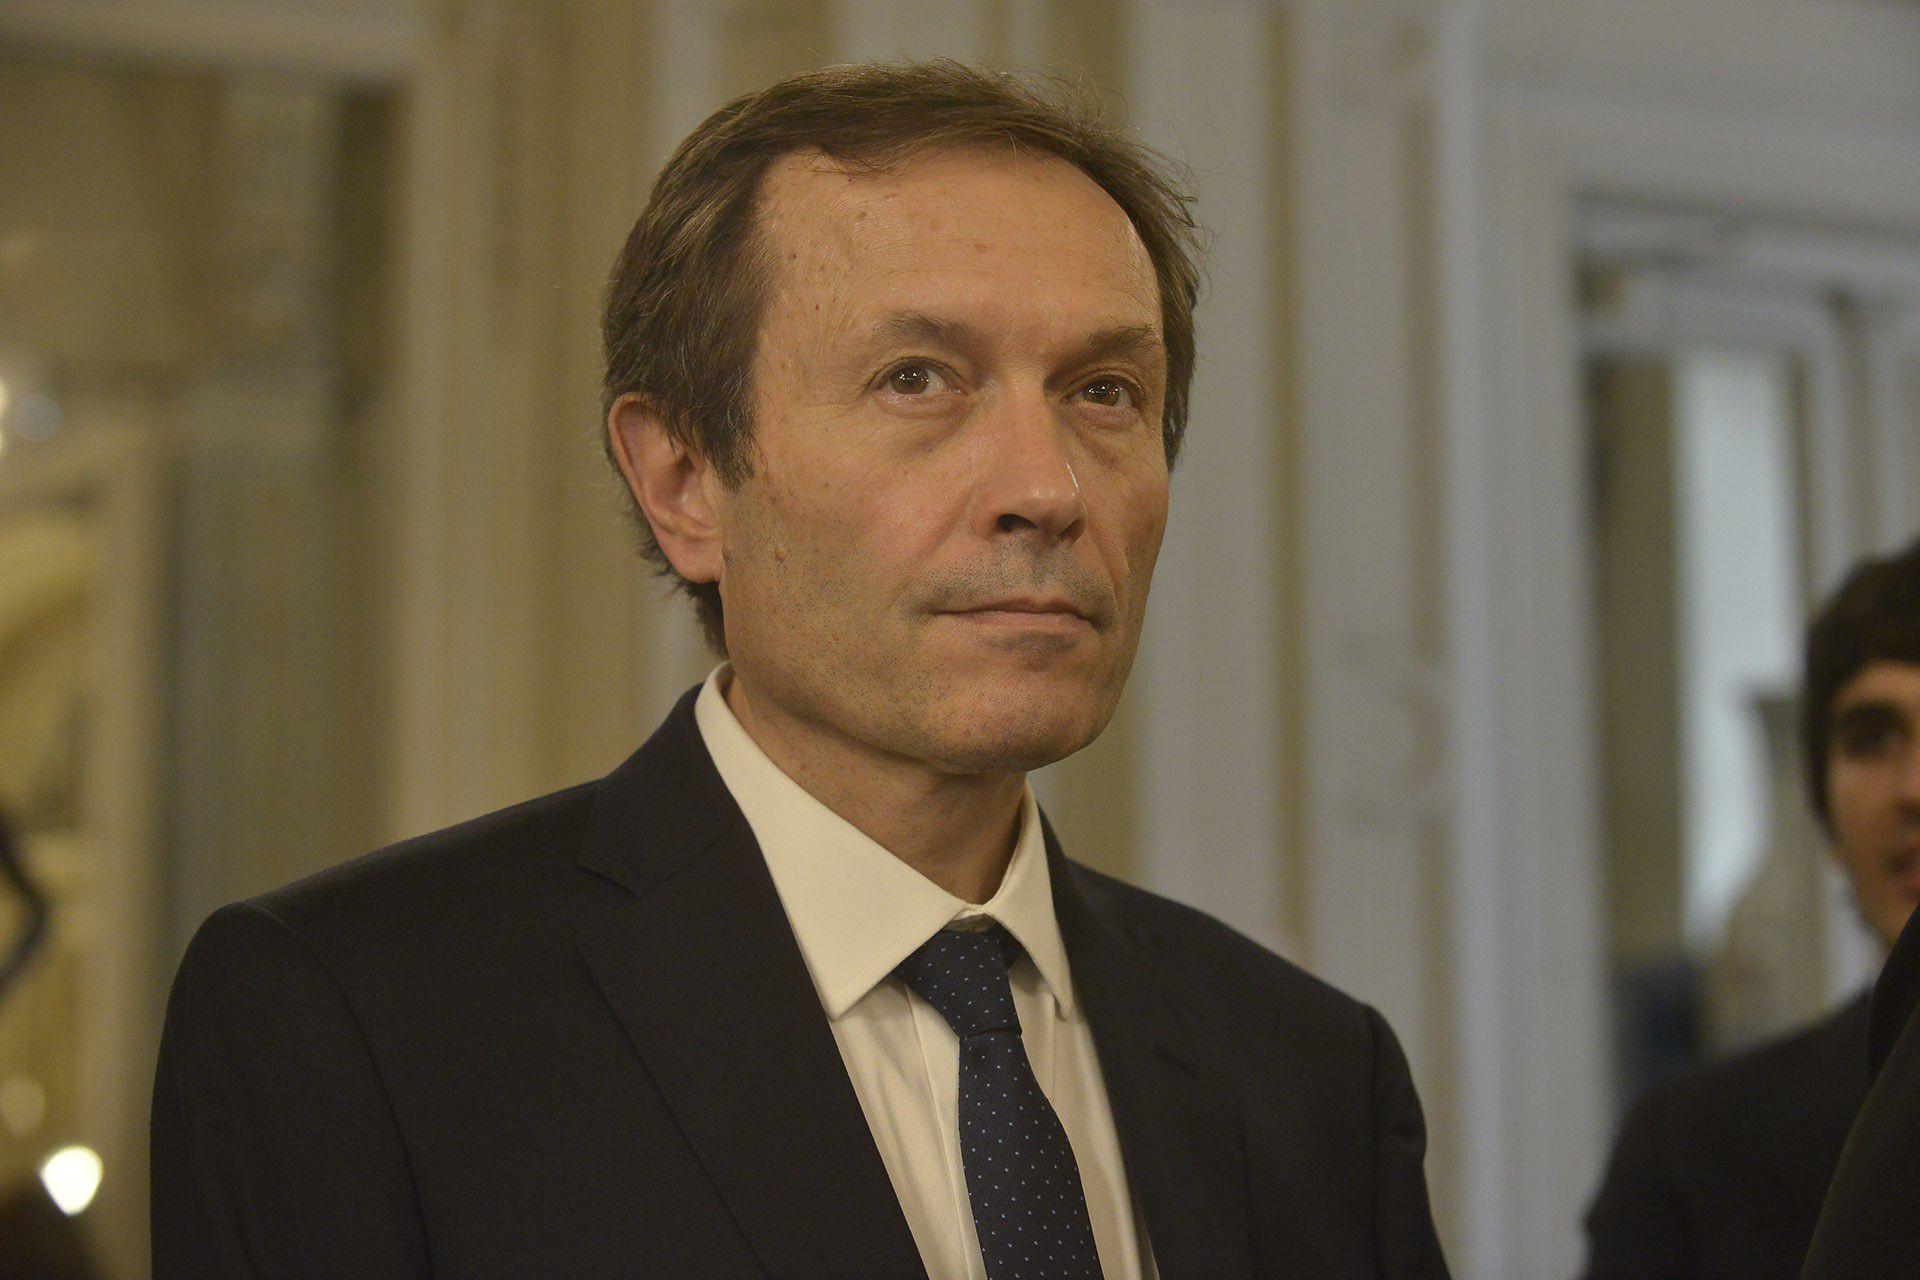 El mandato de Gustavo Béliz en el Consejo durará, en principio, cinco años (Gustavo Gavotti)